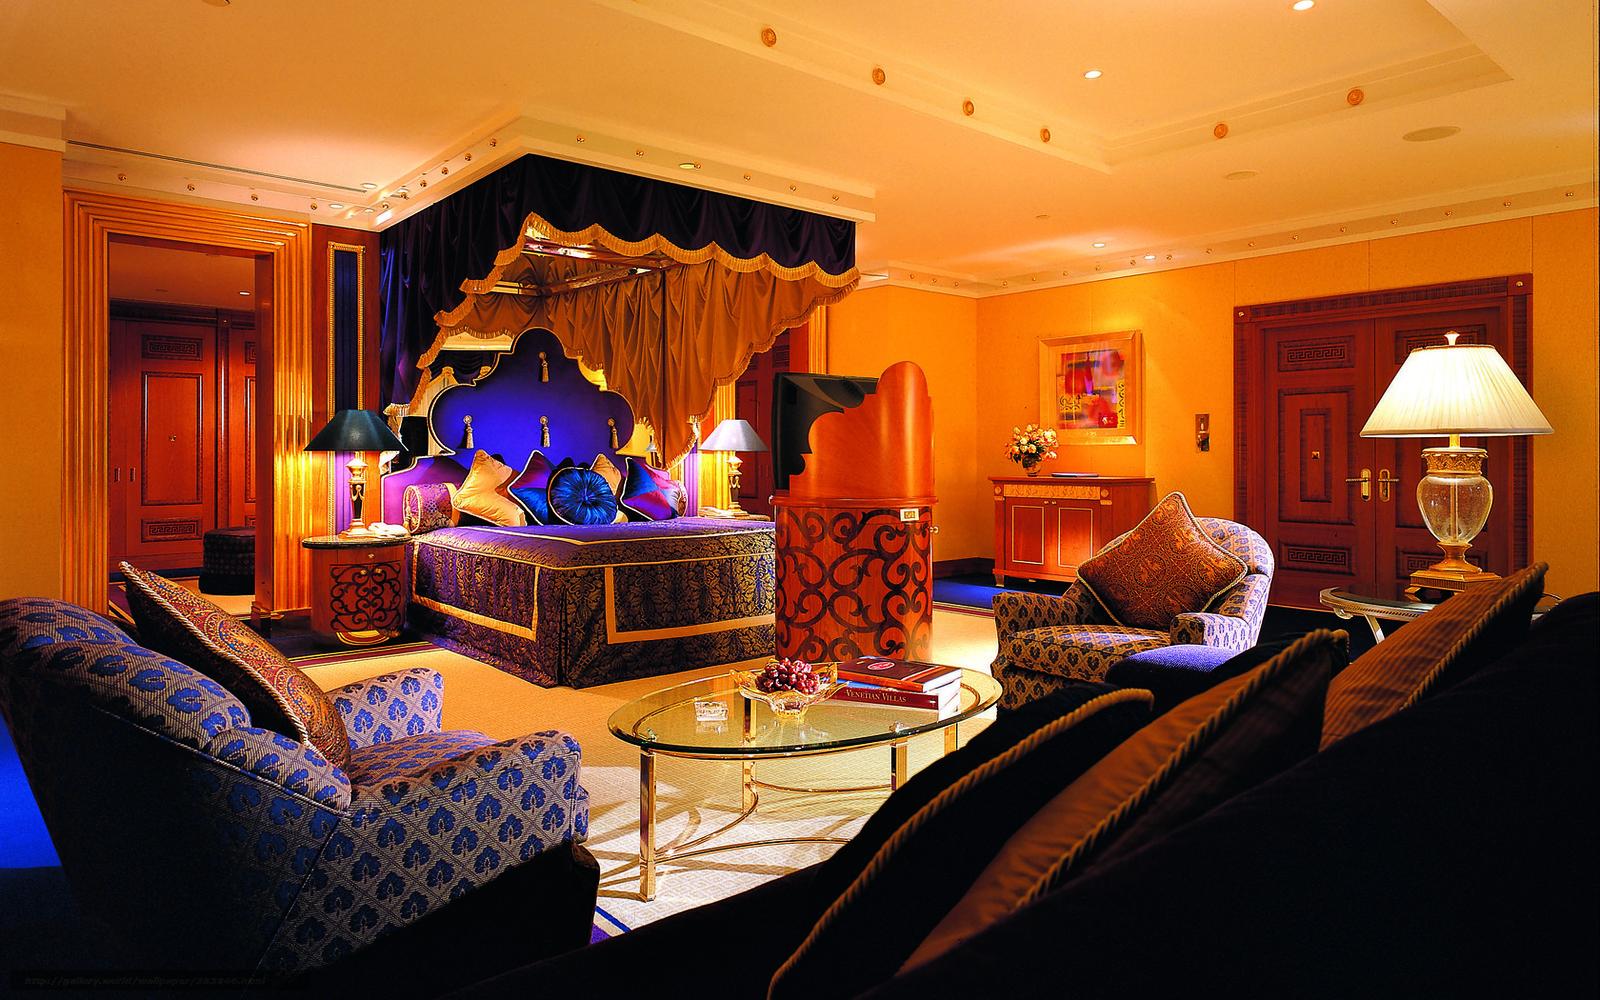 scaricare gli sfondi albergo, Al, Arabo, camera da letto Sfondi ...